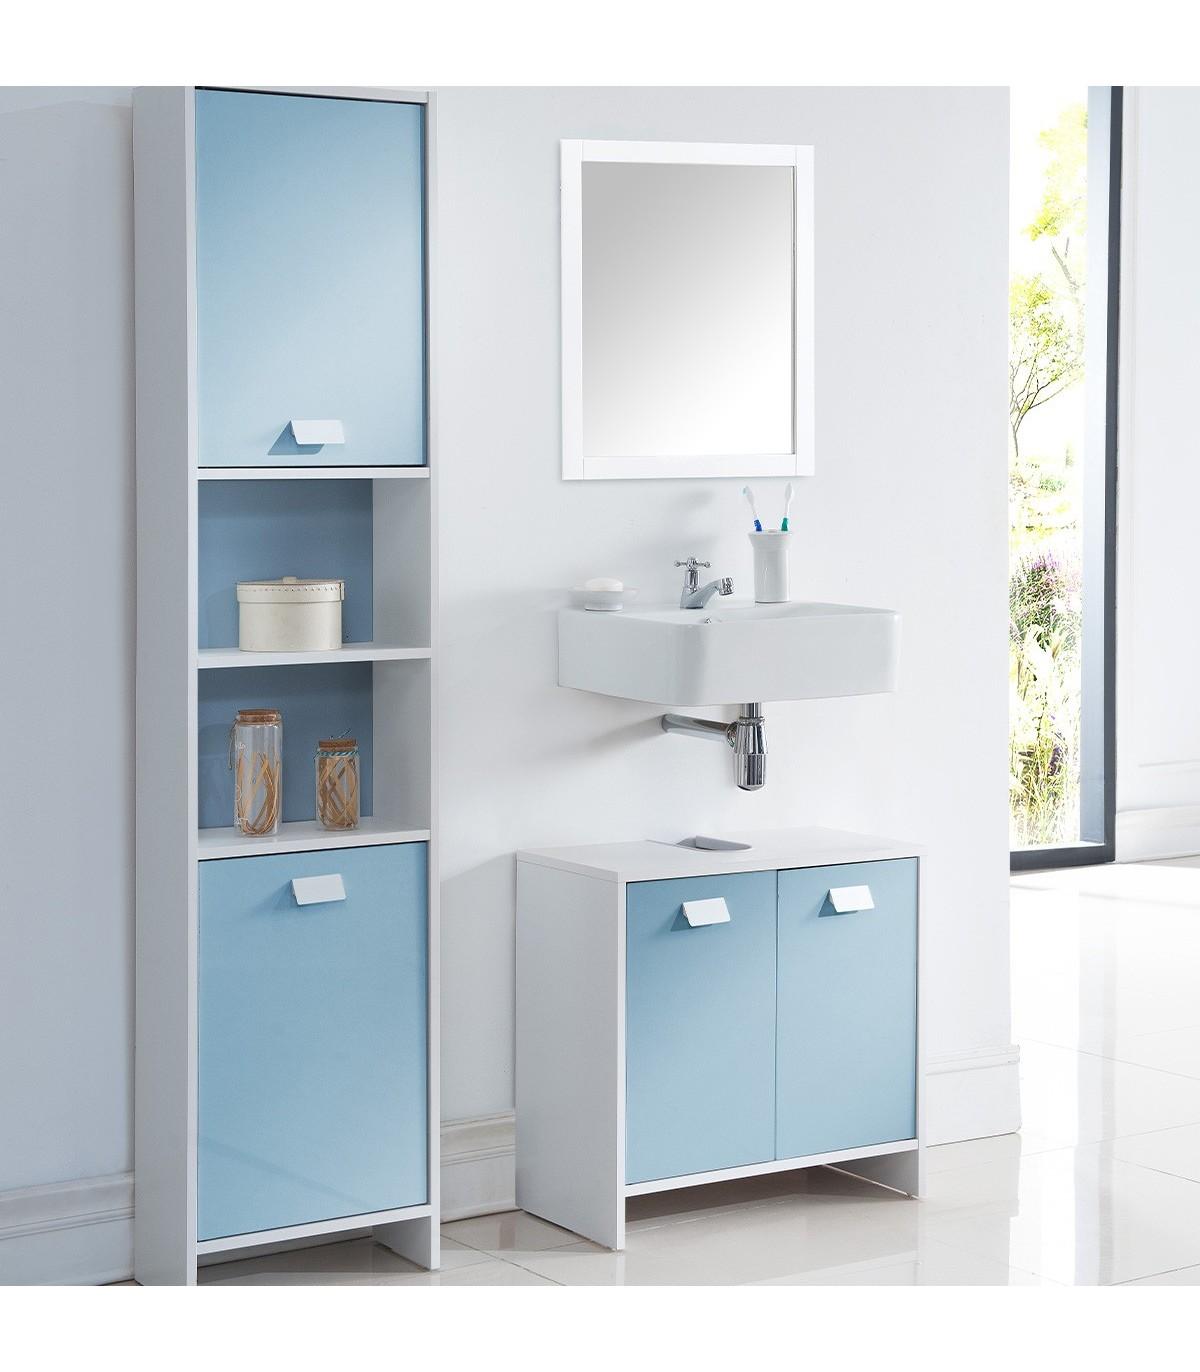 meuble sous vasque salle de bain bleu